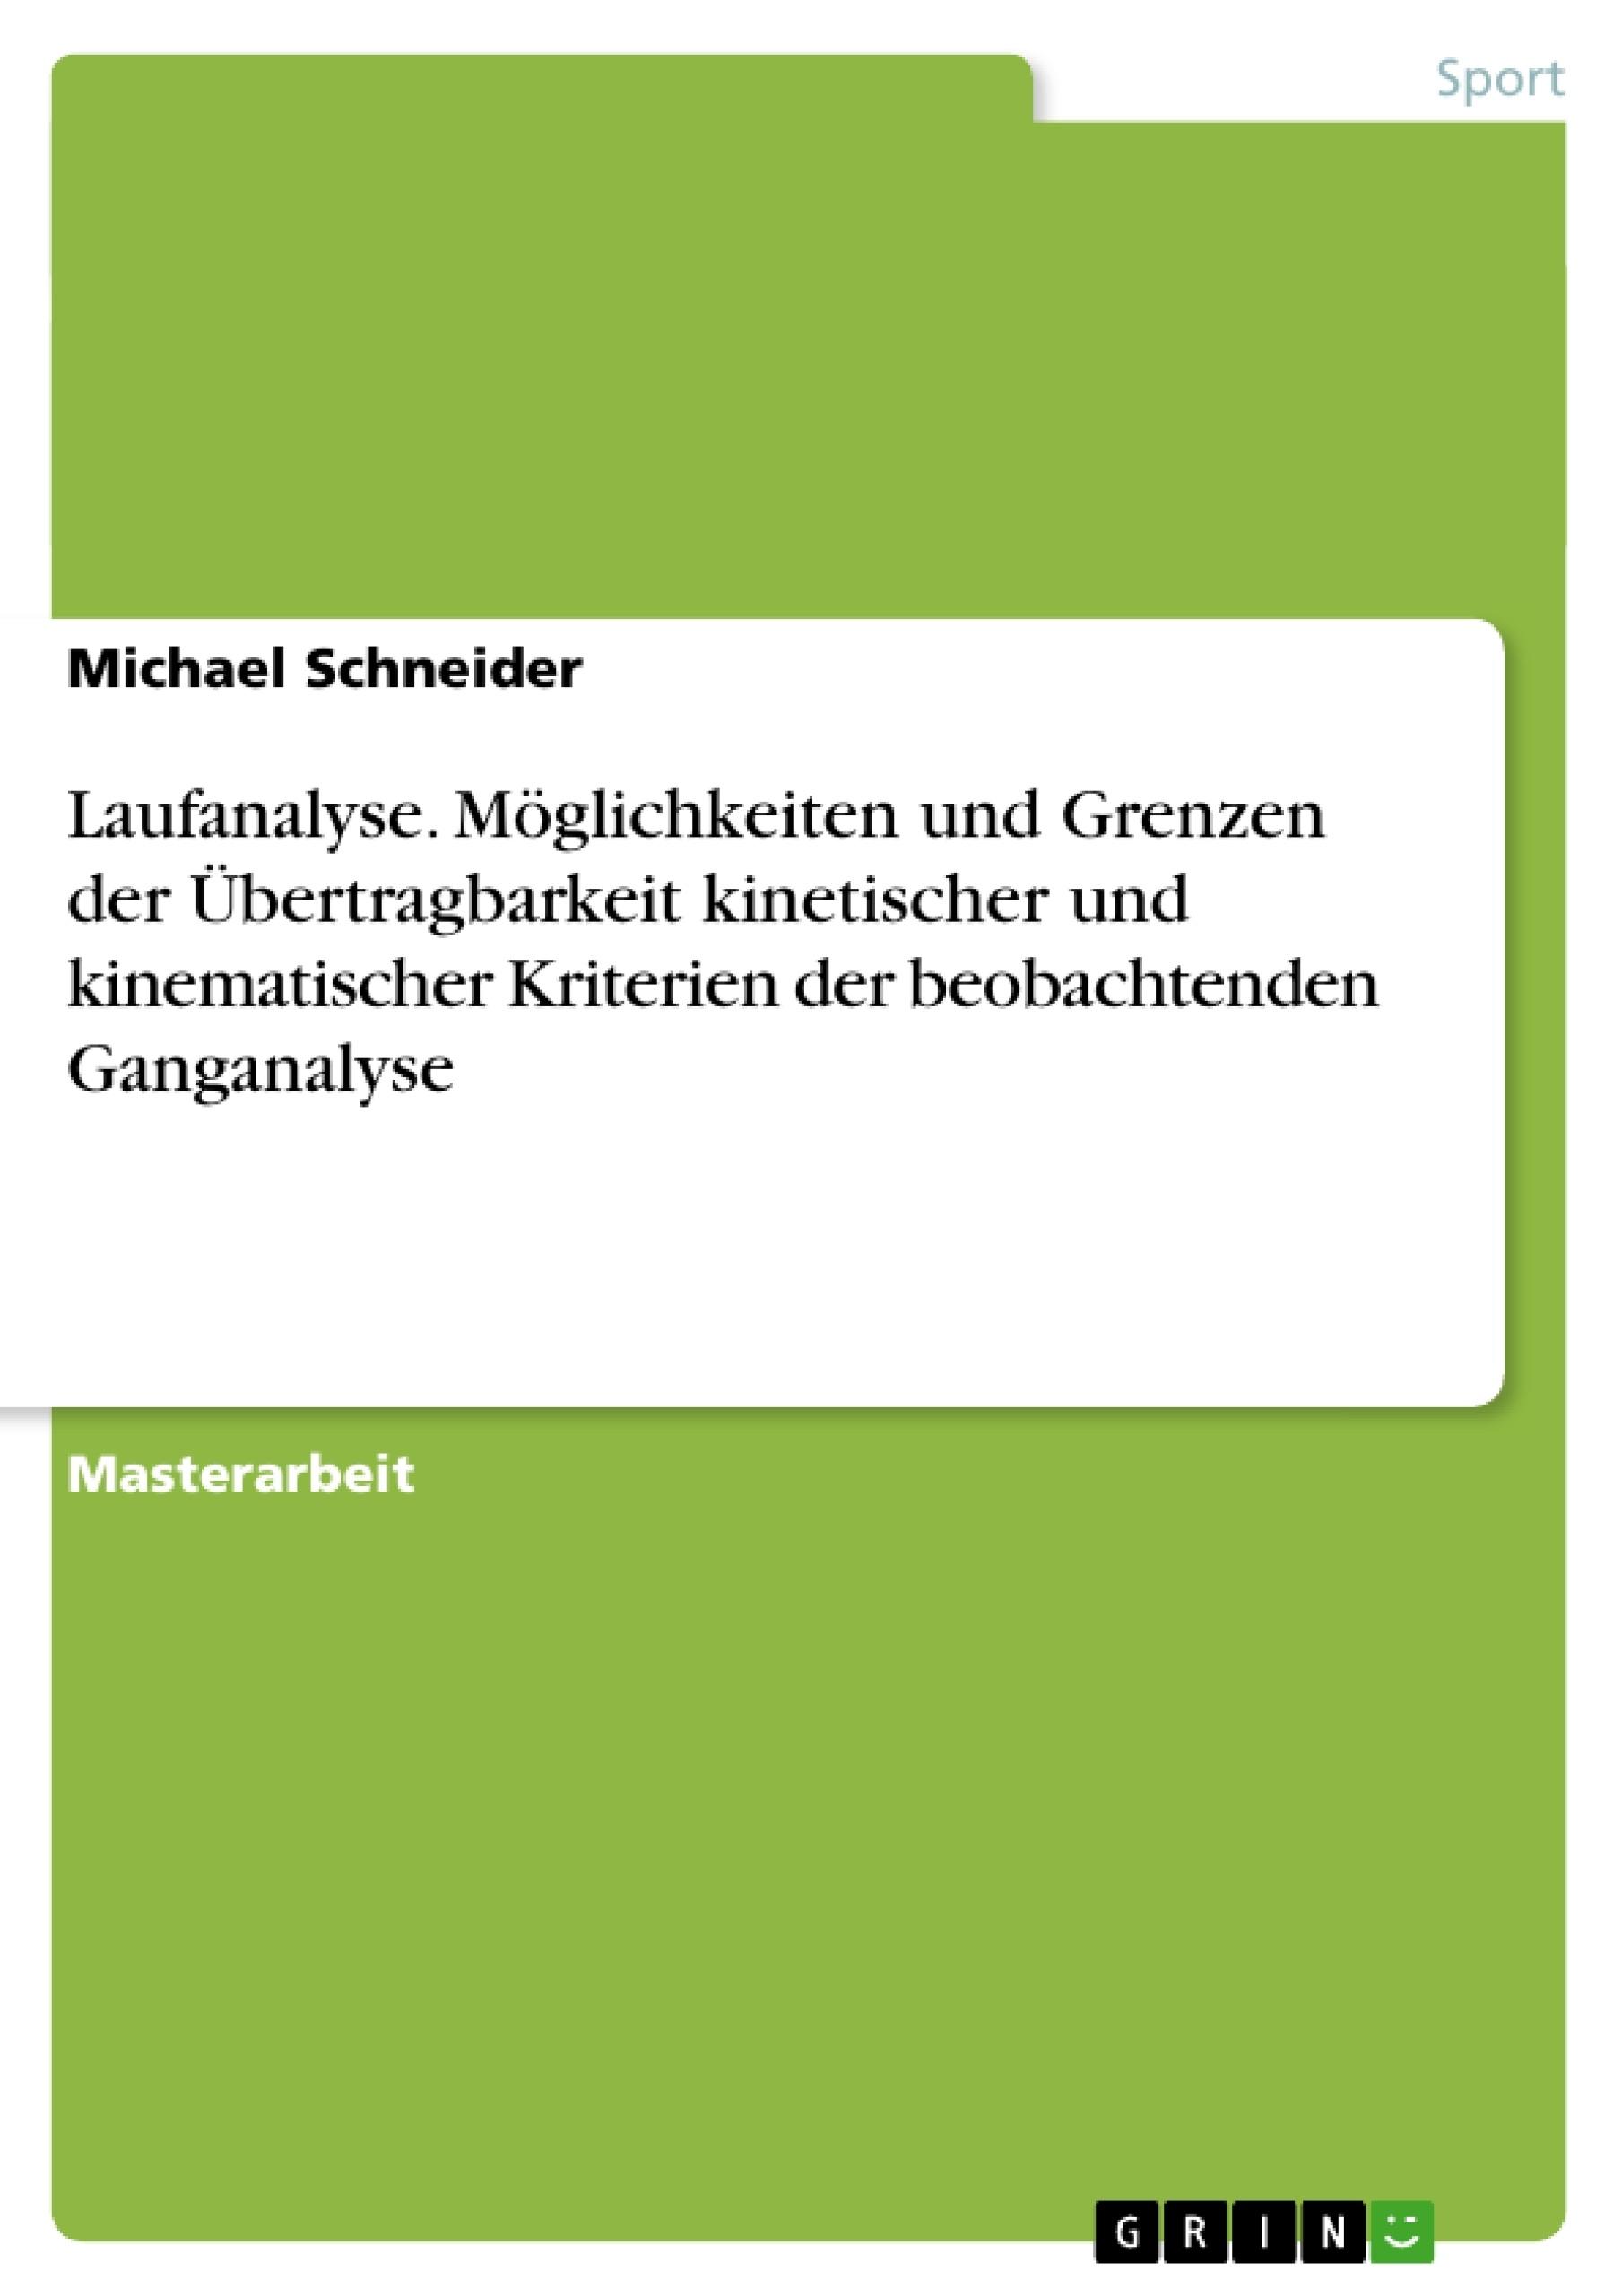 Titel: Laufanalyse. Möglichkeiten und Grenzen der Übertragbarkeit kinetischer und kinematischer Kriterien der beobachtenden Ganganalyse